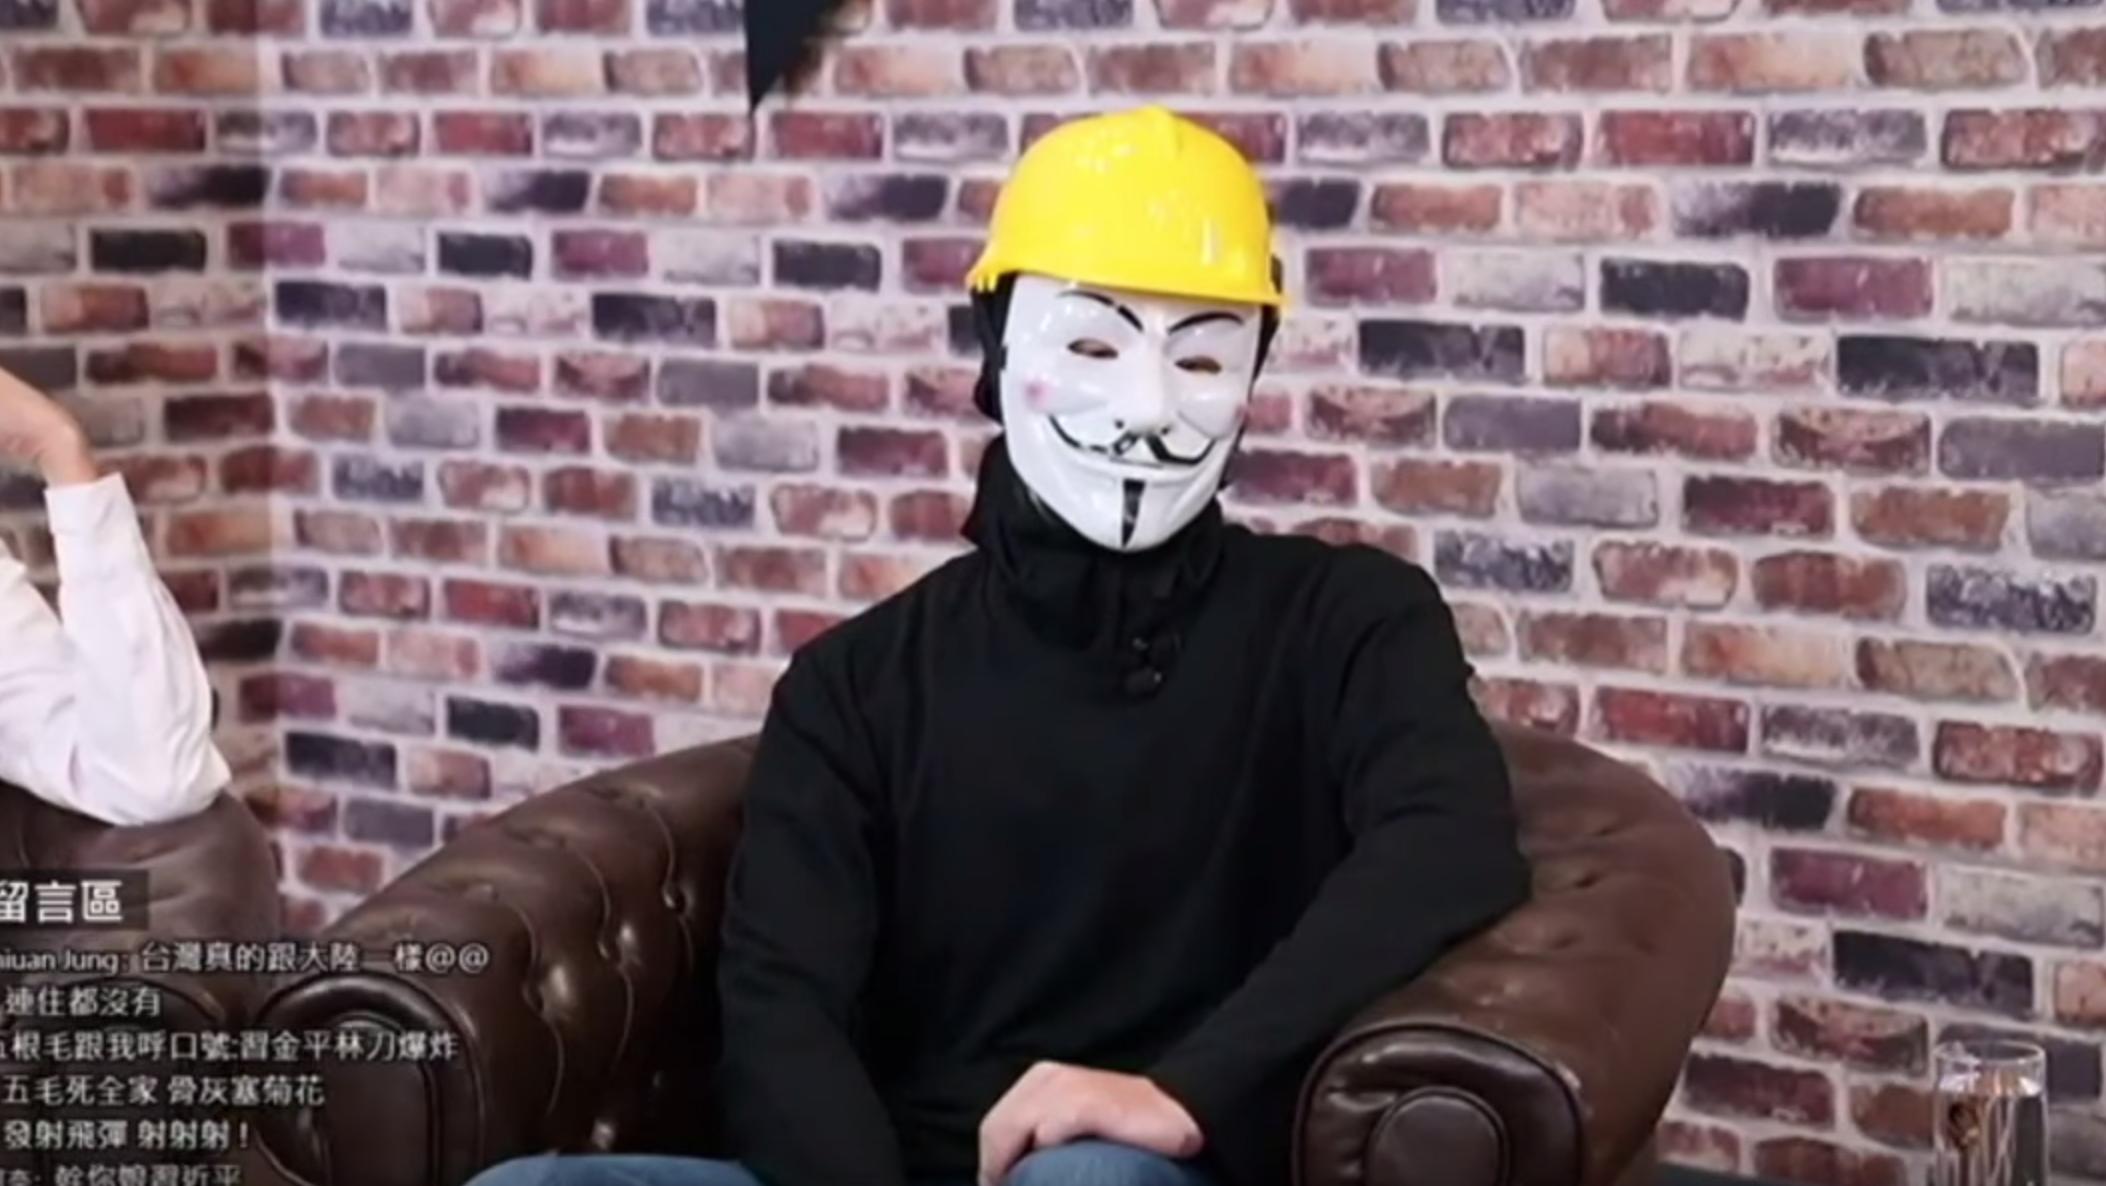 一位頭戴「V煞」面具和頭盔的抗爭者在一次R館show show的節目中表示,六月以前大部分香港人都主張和平理性和非暴力的抗爭。(影片截圖)